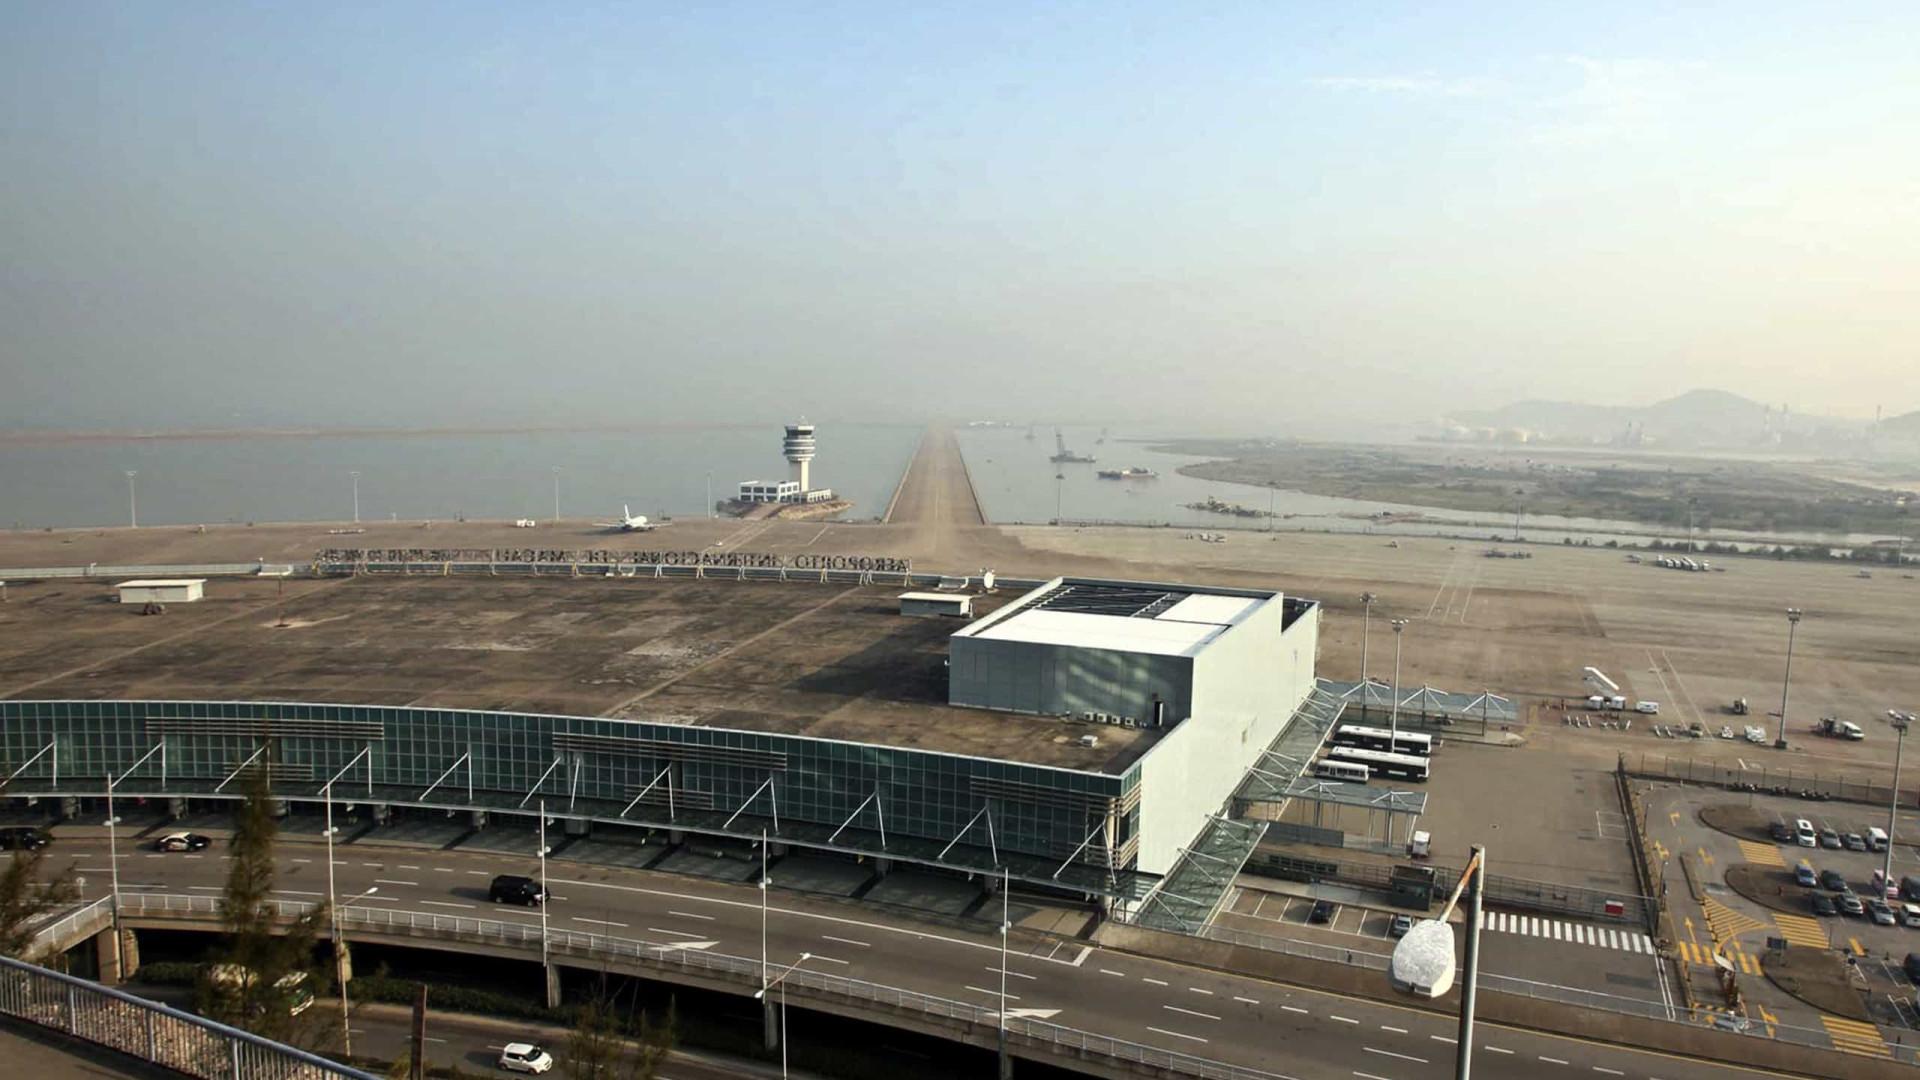 Aeroporto Internacional De Macau : Notícias ao minuto sociedade do aeroporto de macau com